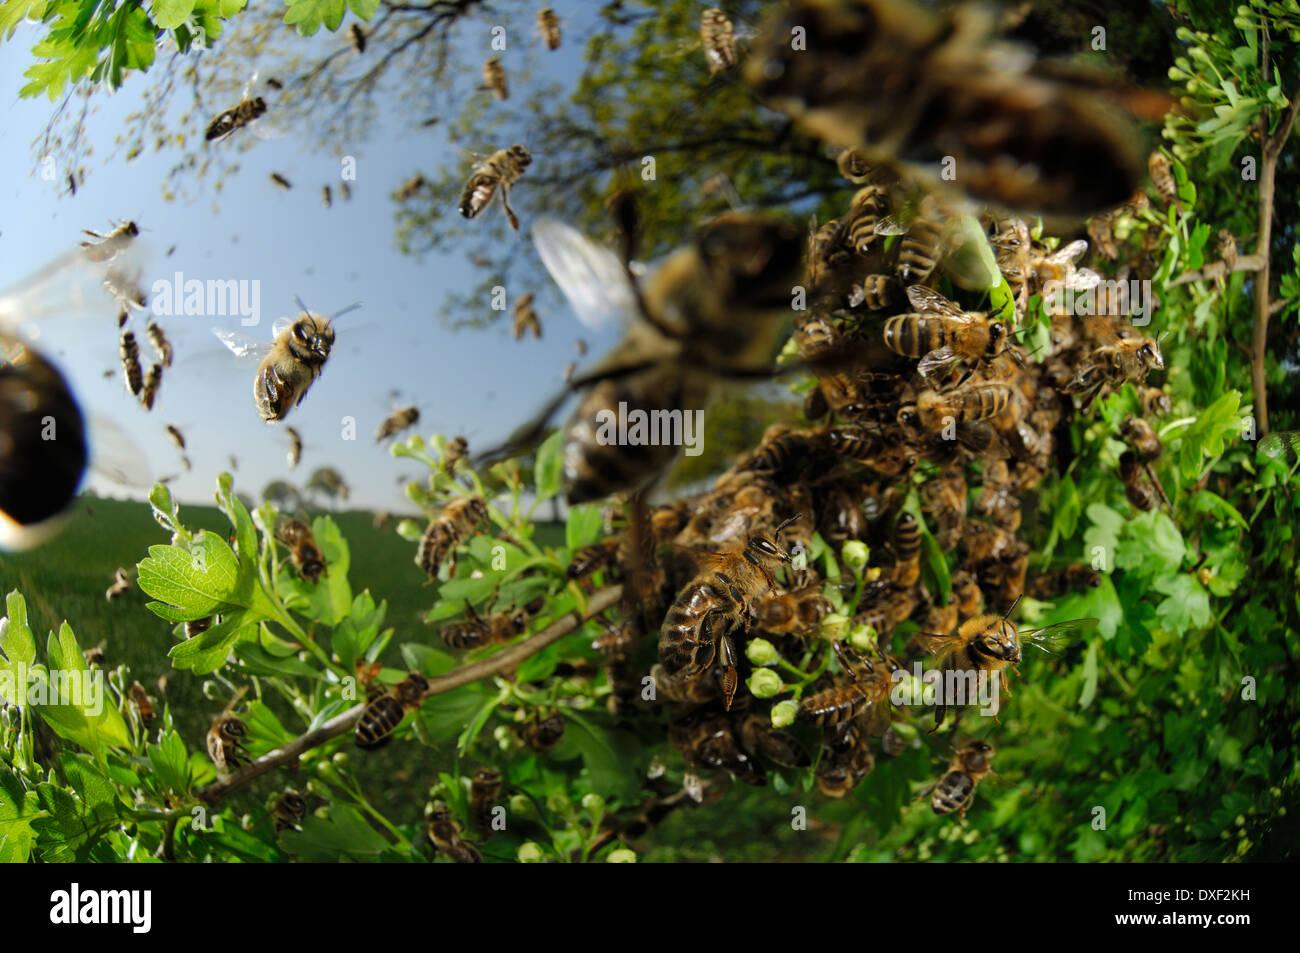 Miel de abejas (Apis mellifera) enjambre Imagen De Stock